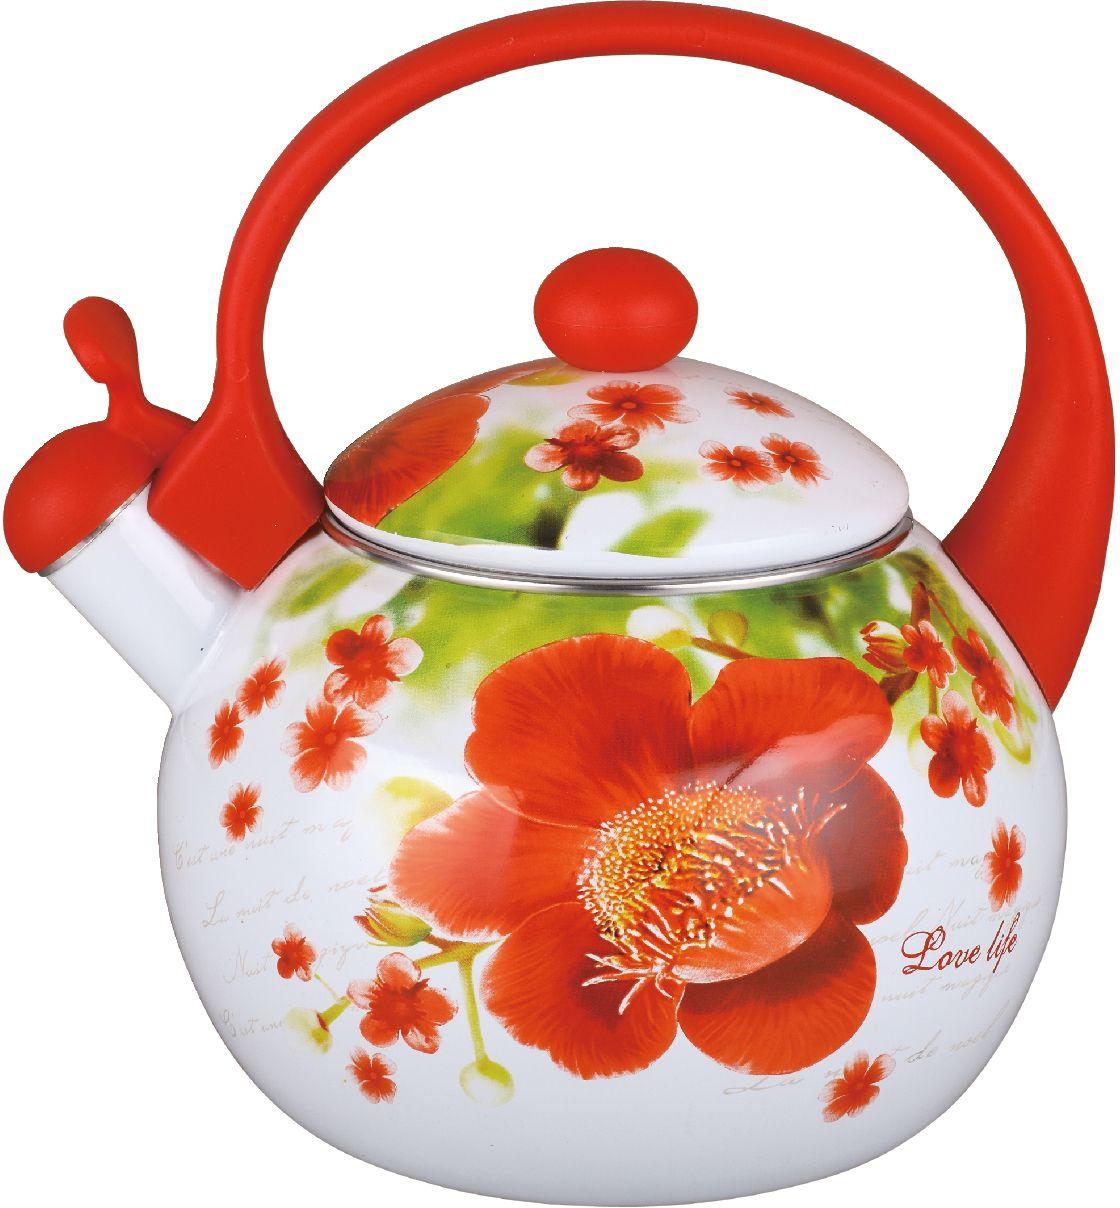 Чайник эмалированный Чудесница, со свистком, 2,5 л. ЭЧ-2518 чайники для плиты vetta чайник эмалированный